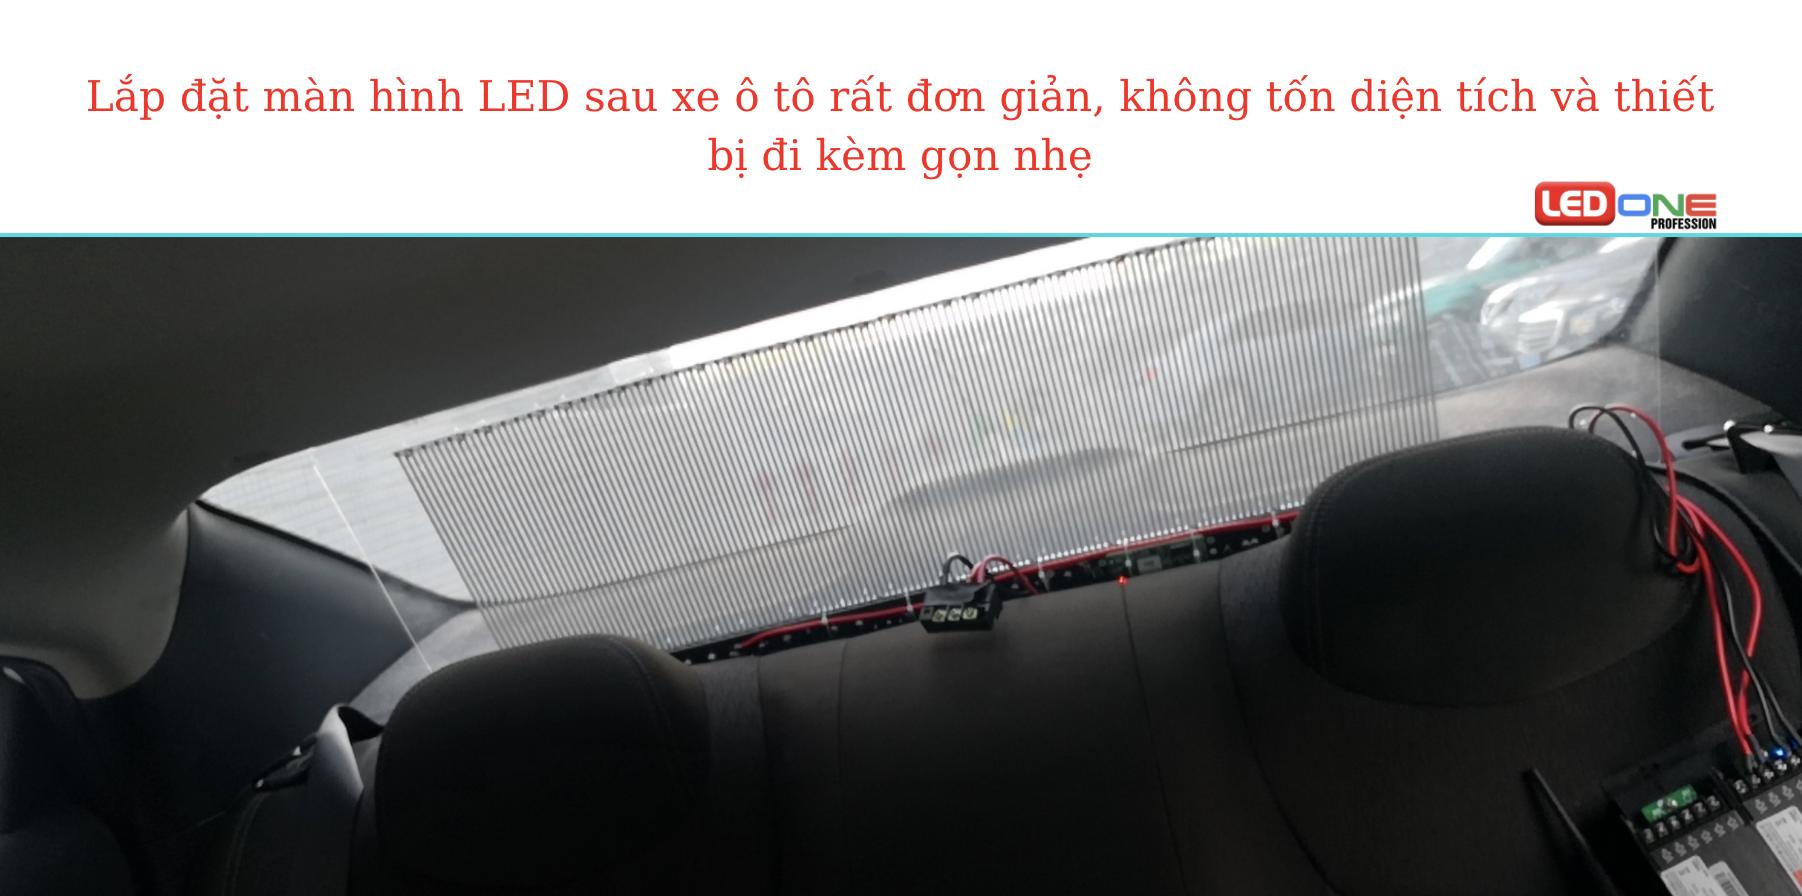 Màn hình LED quảng cáo sau xe ô tô